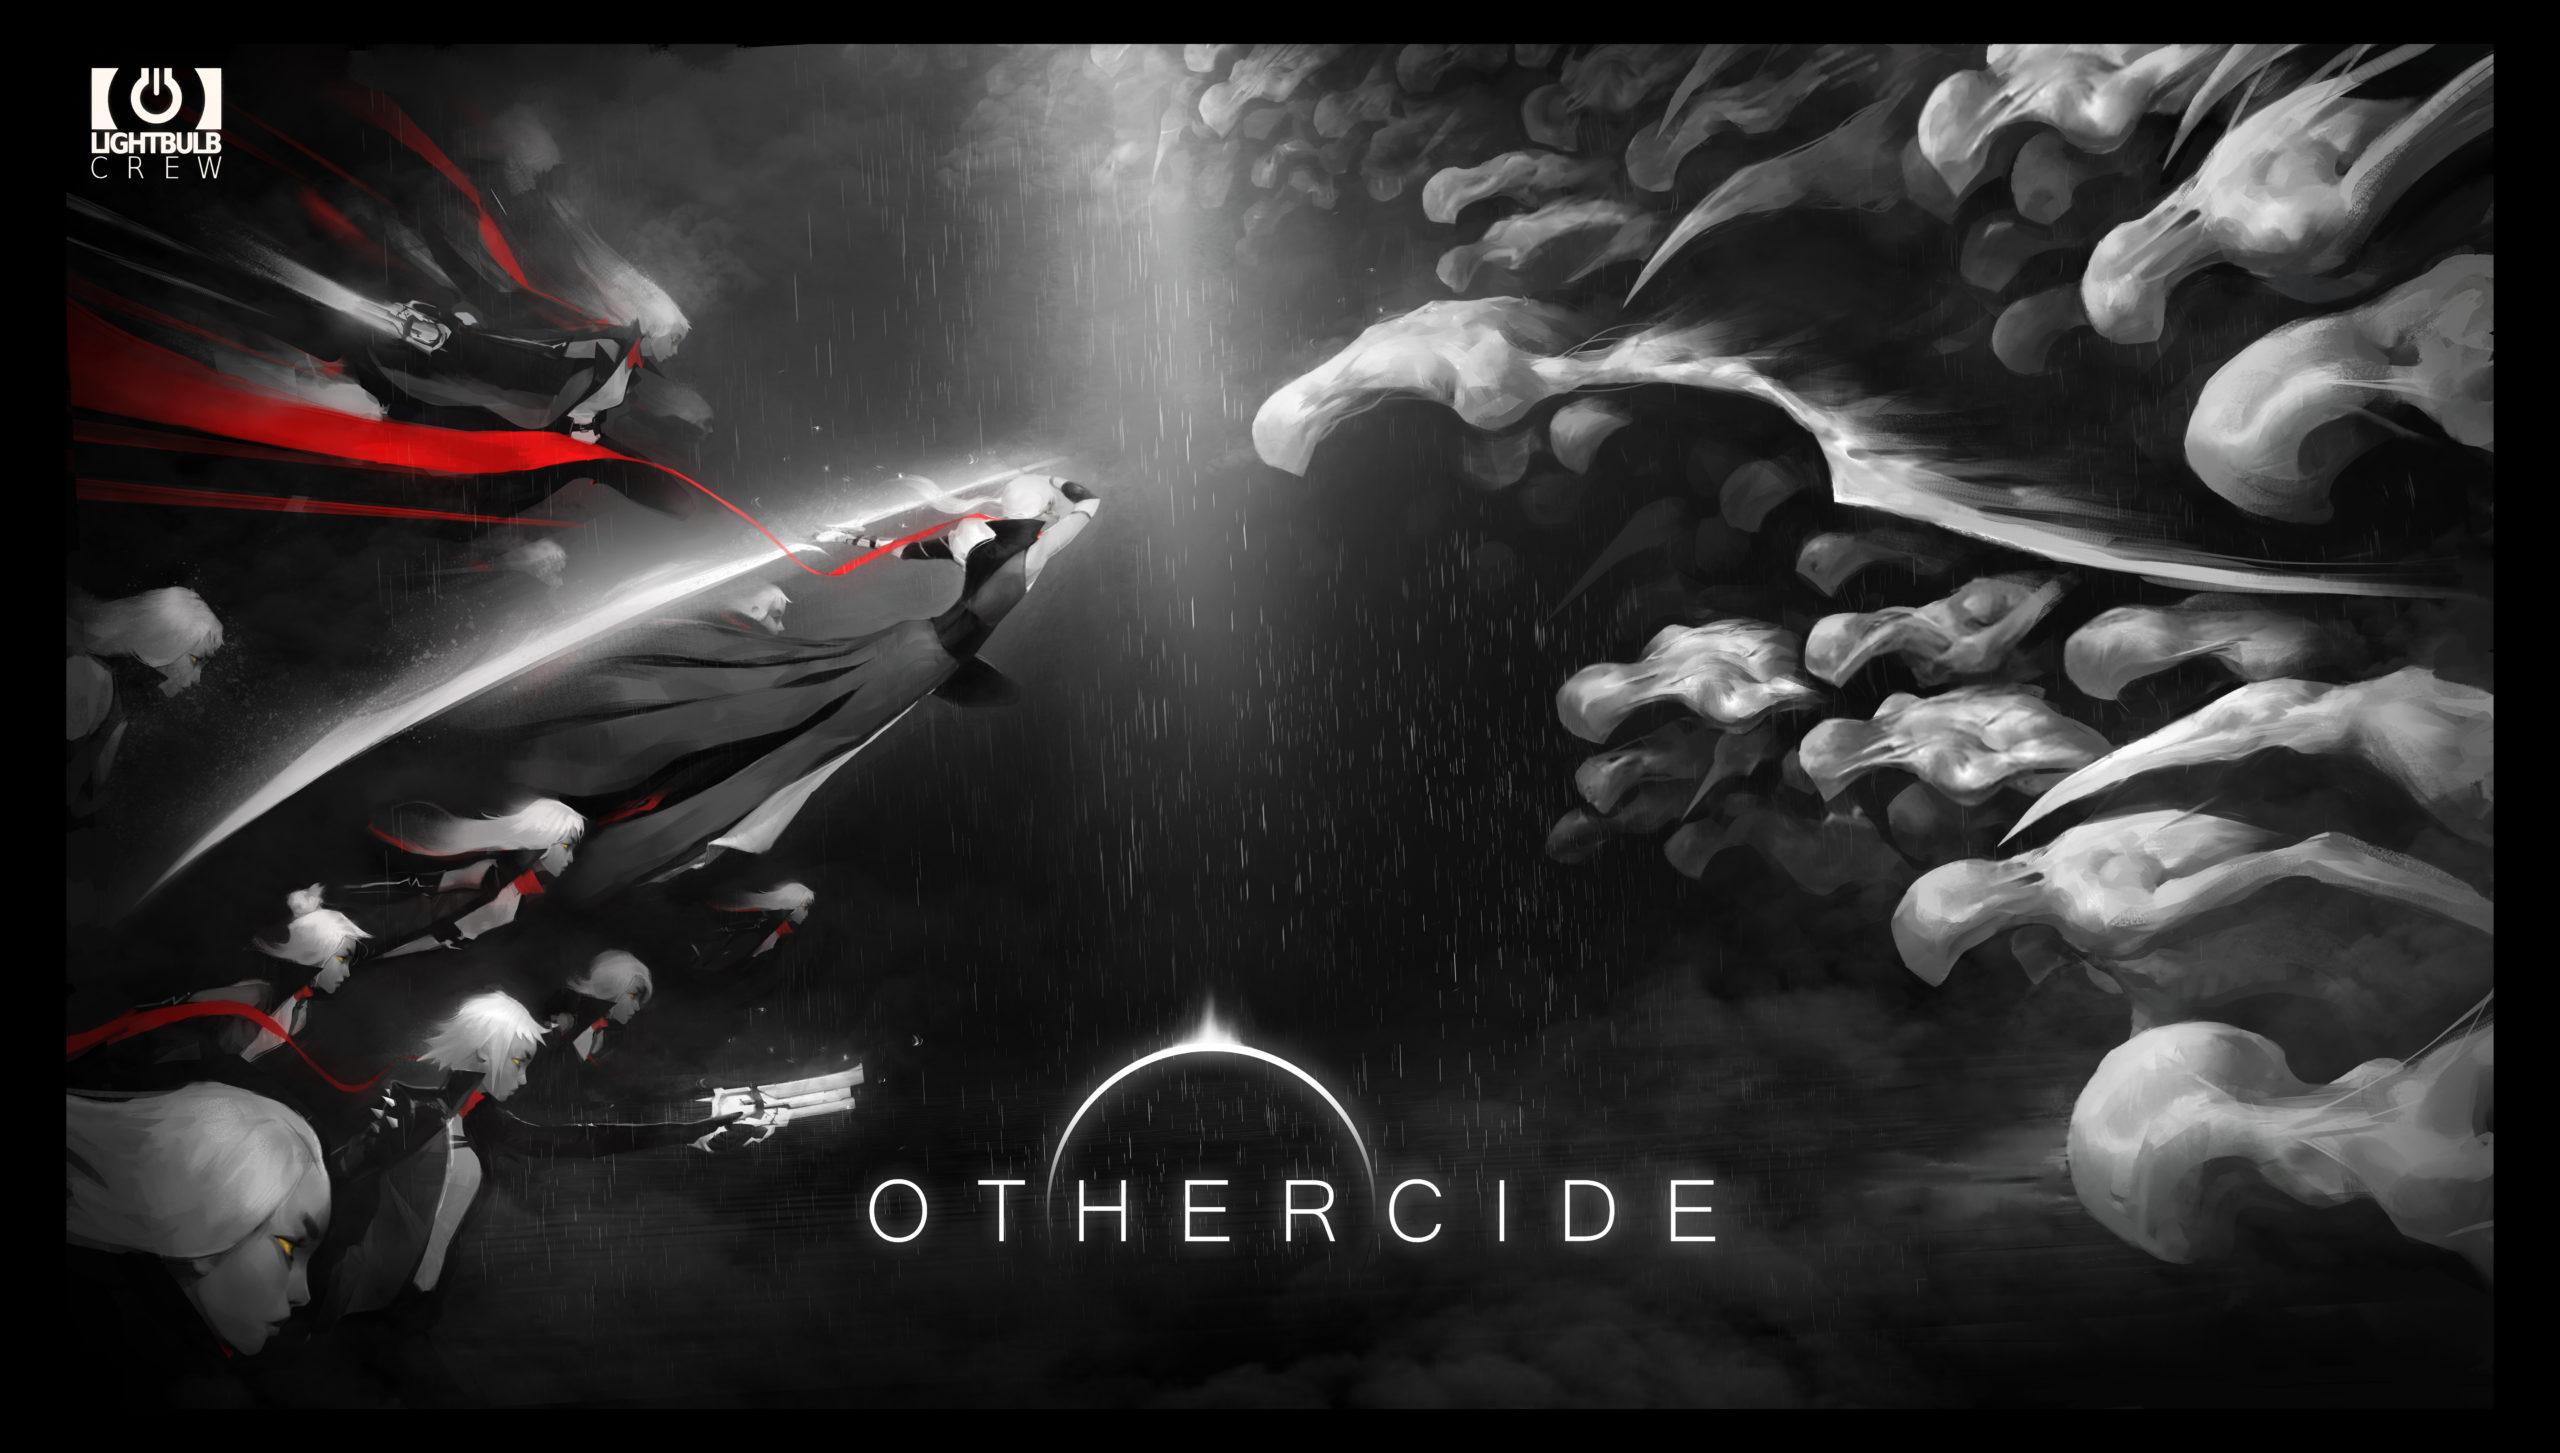 Othercide - key art